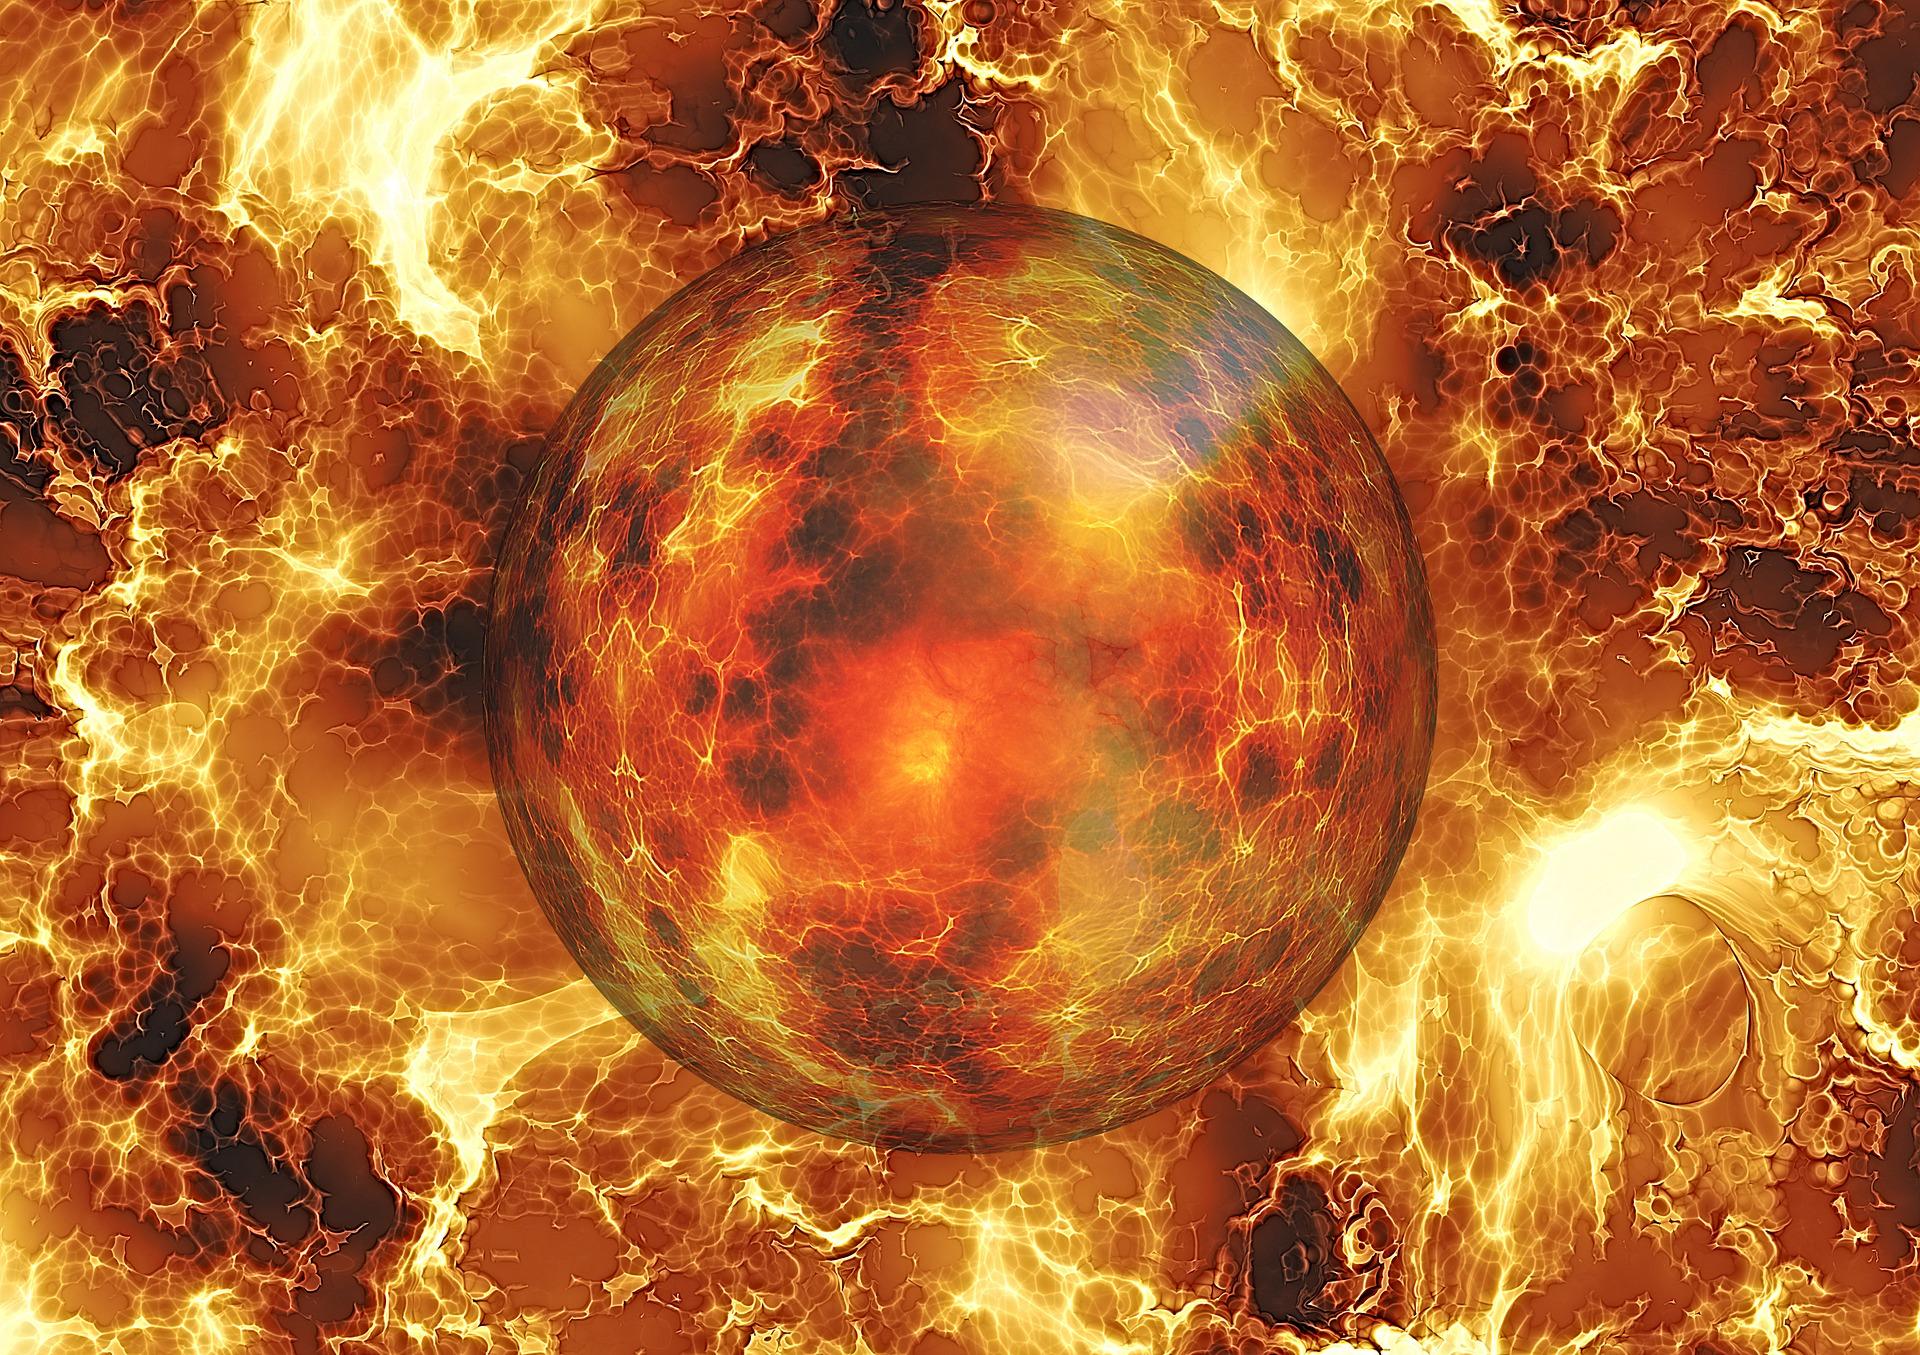 fireball-1229866_1920